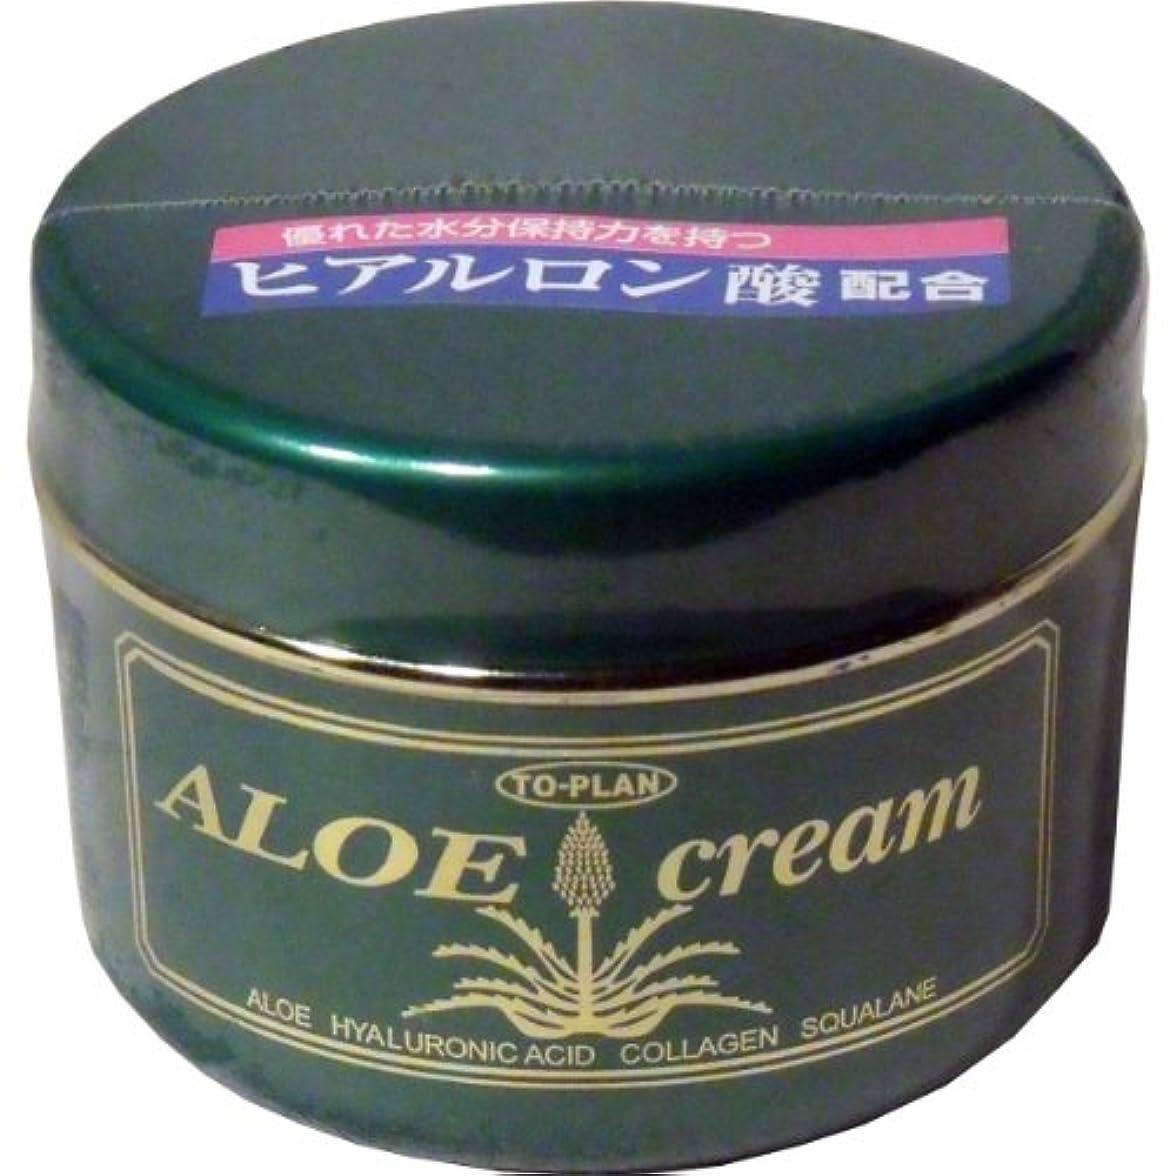 調和秘密のクリエイティブトプラン ハーブフレッシュクリーム(アロエクリーム) ヒアルロン酸 170g ×6個セット